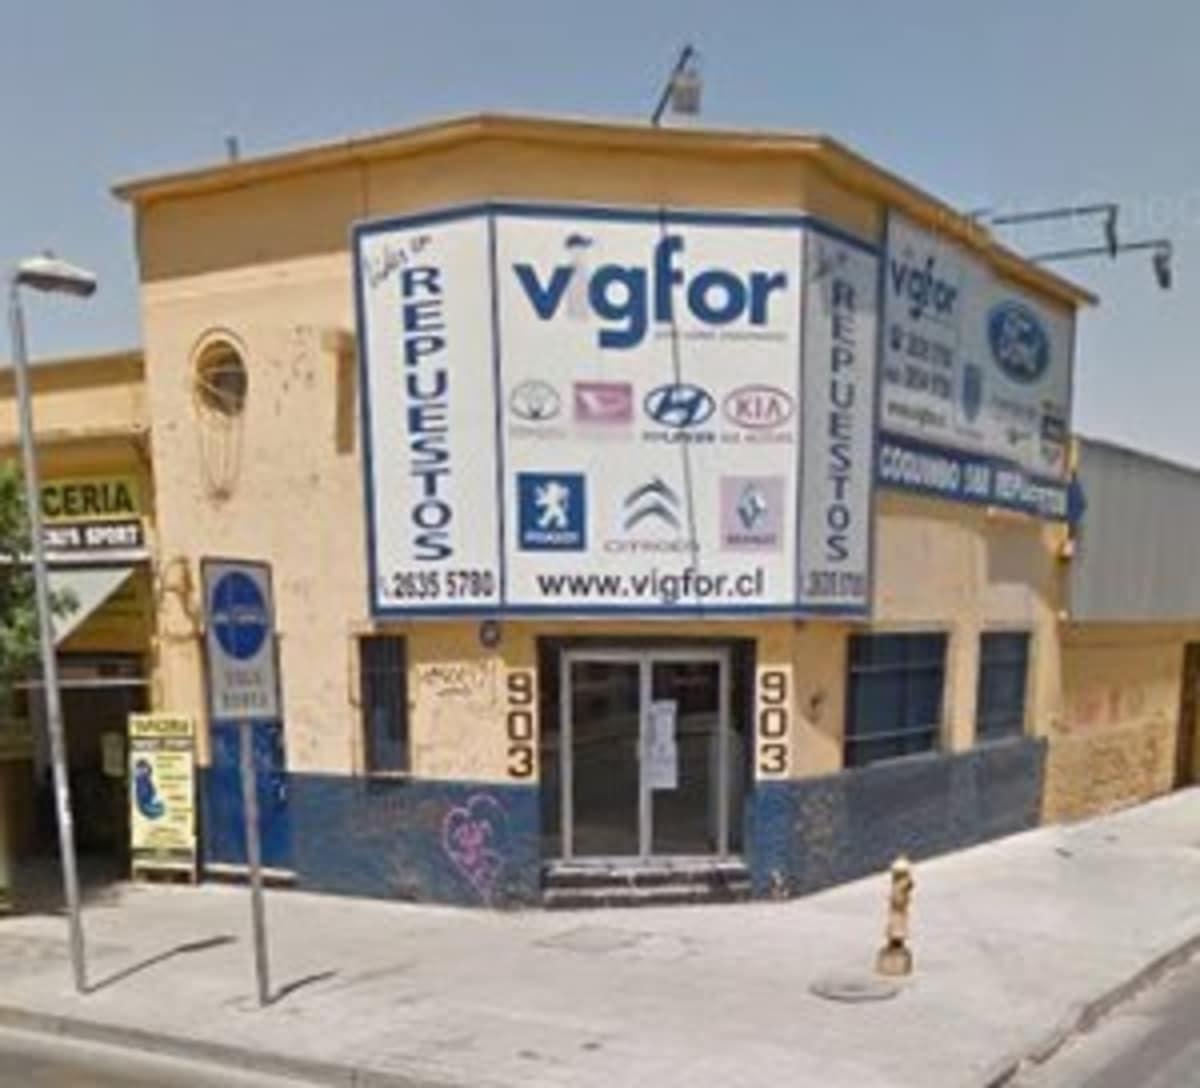 Repuestos vigfor en carmen n 903 santiago comuna - Repuestos persianas madrid ...